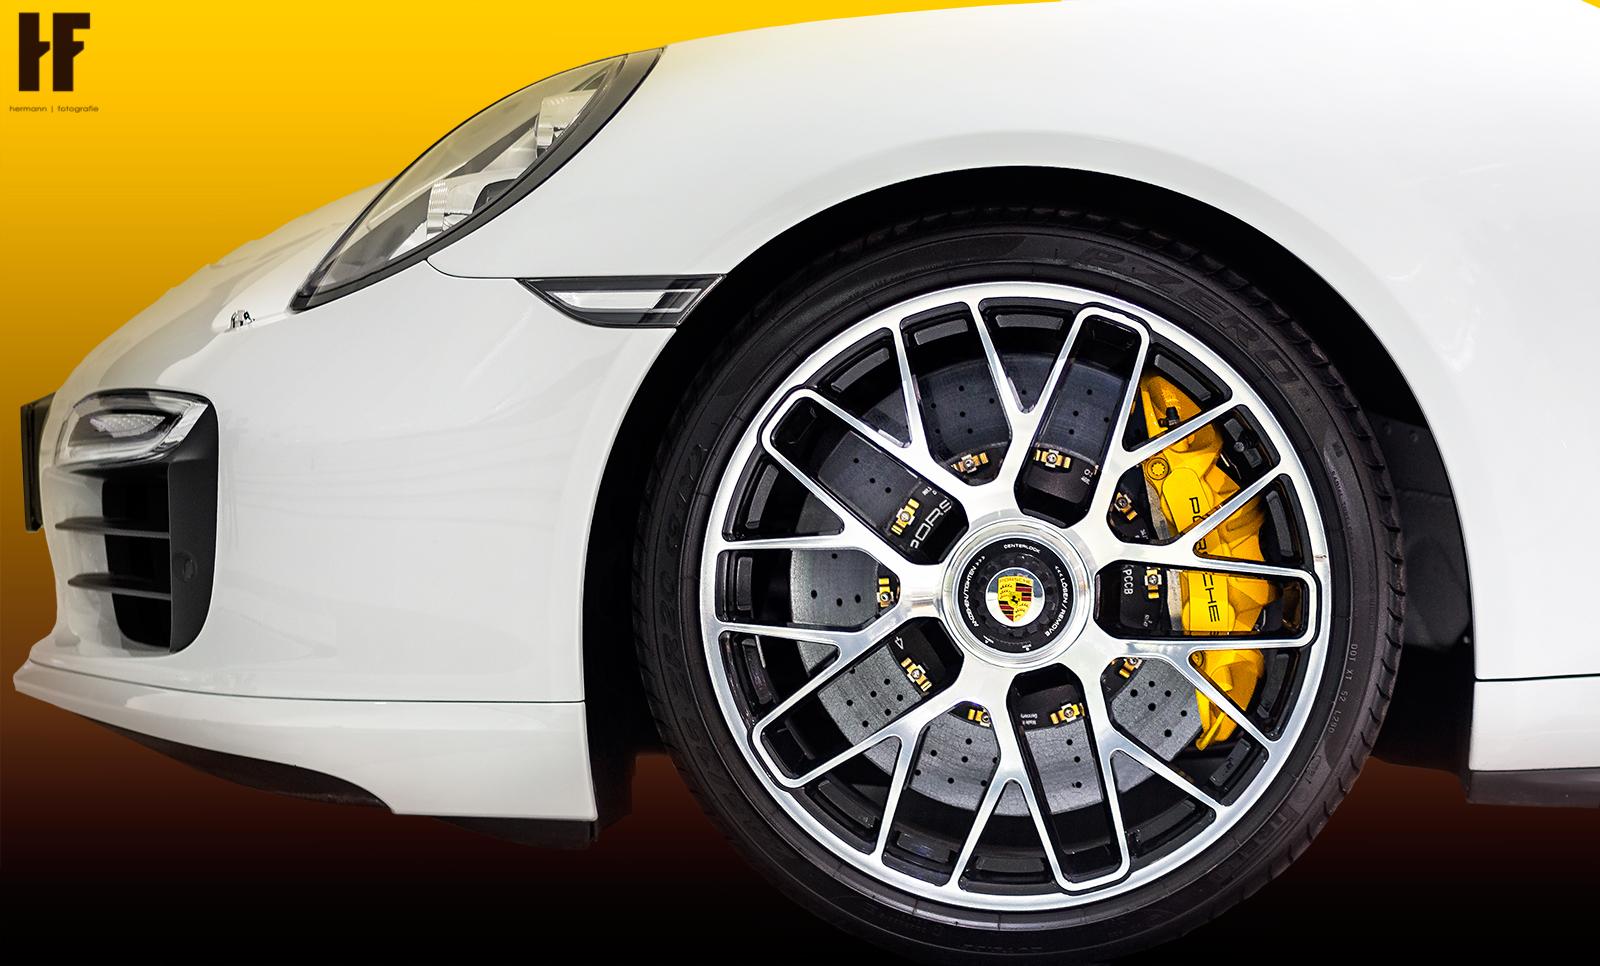 hermann|fotografie Die Felge - Porsche 911 Turbo S